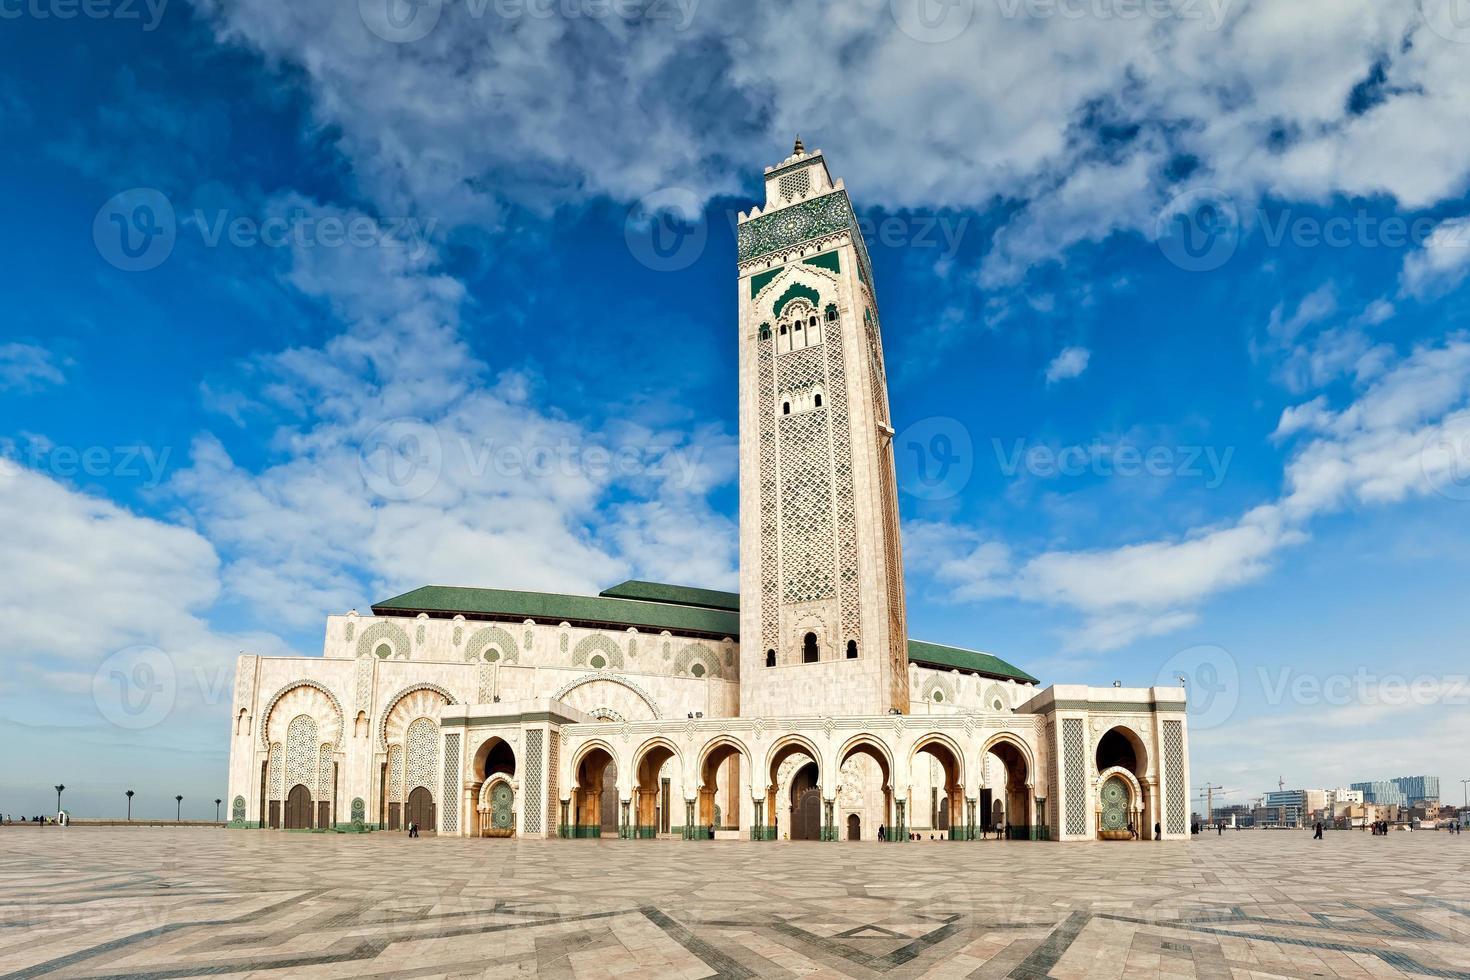 Hassan II Moschee, Casablanka, Marokko foto